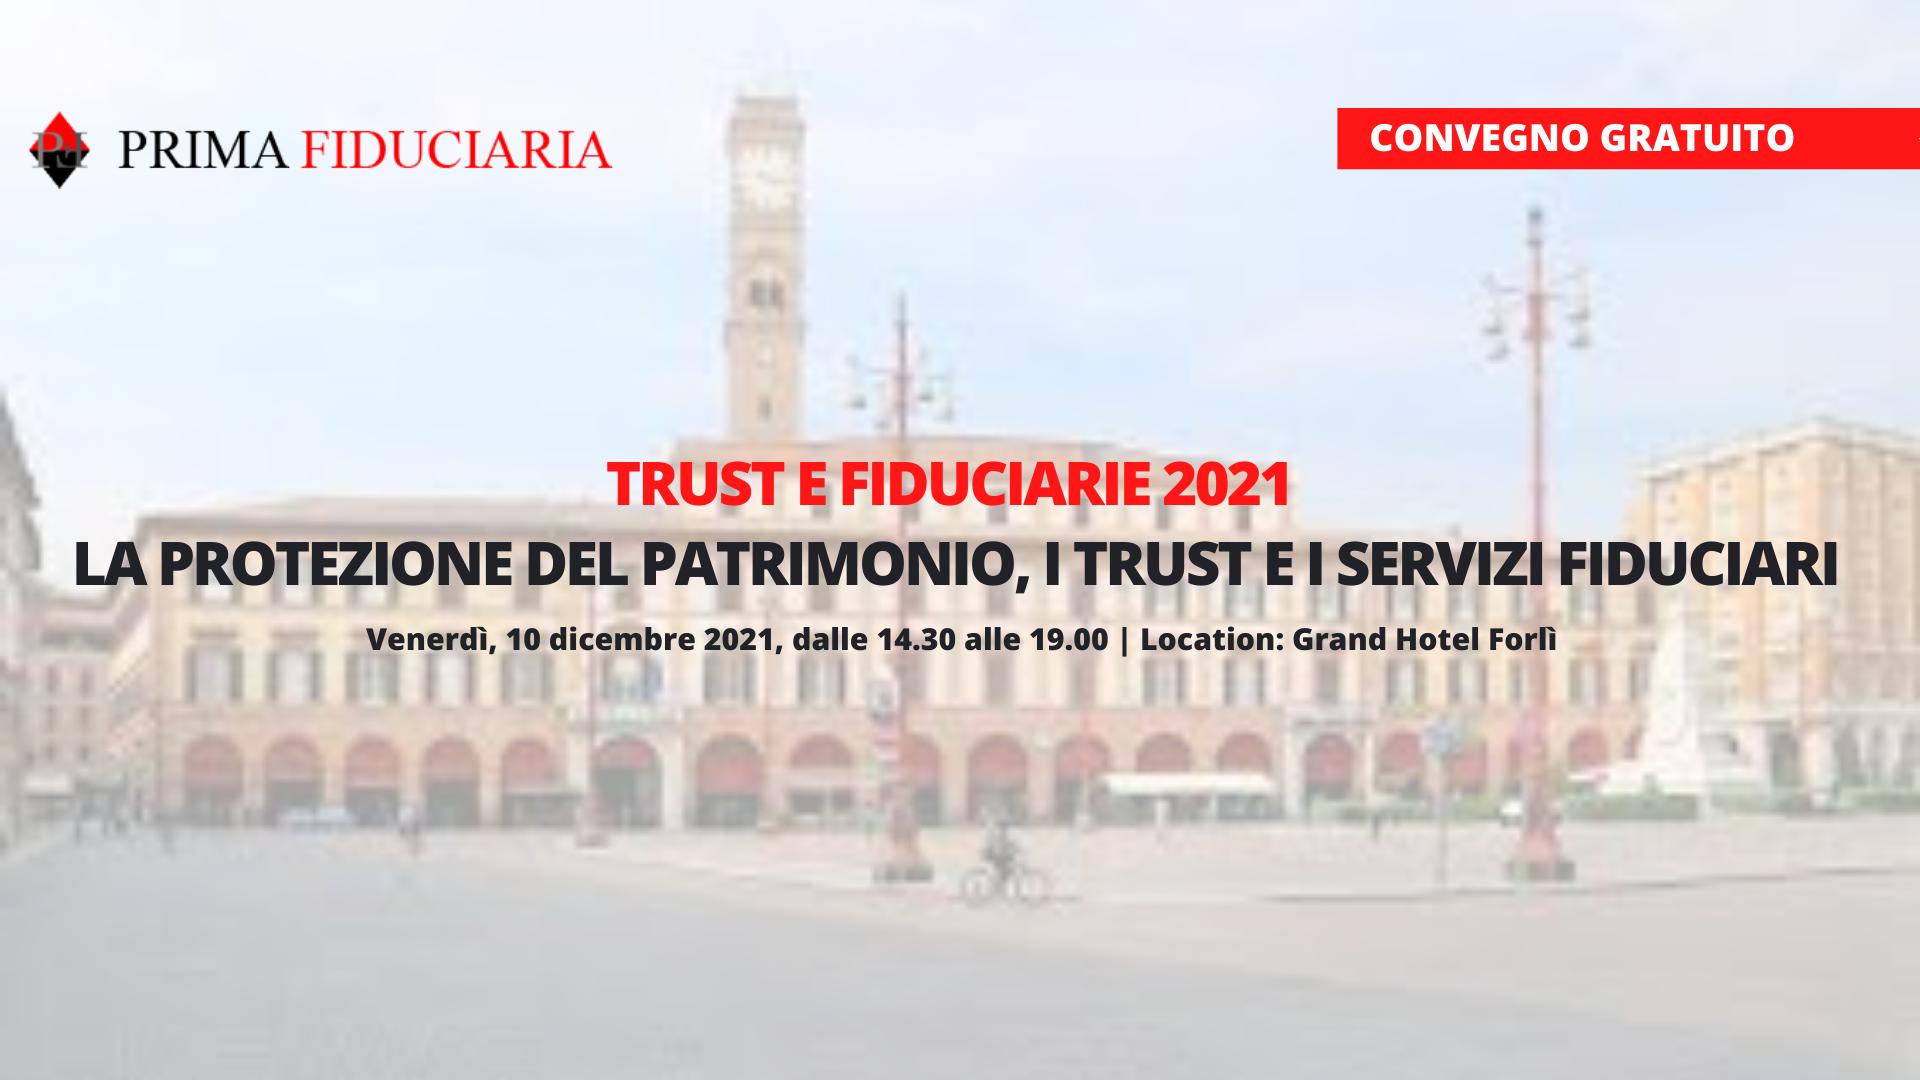 convegno-forli-2021-la-protezione-del-patrimonio-i-trust-e-i-servizi-fiduciari